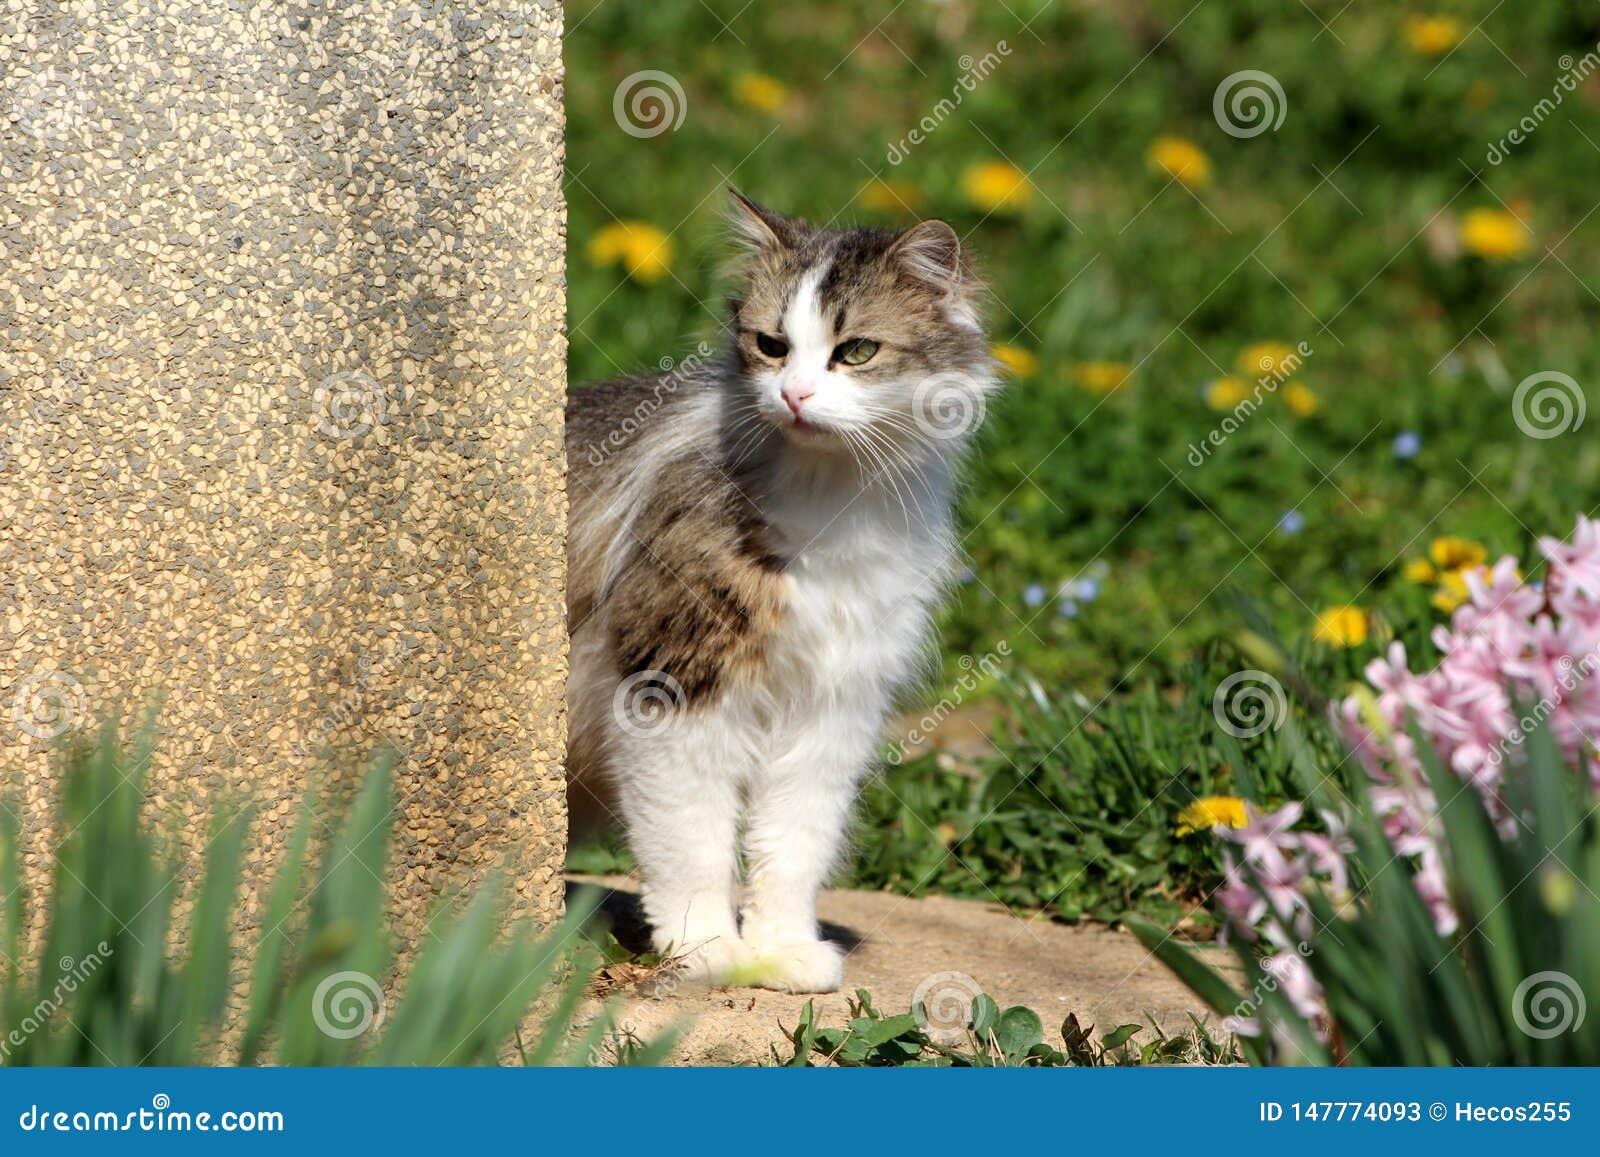 Τριχωτή γκρίζα και άσπρη εσωτερική γάτα που εξετάζει περίεργα πέρα από τη γωνία οικογενειακών σπιτιών κάτι να ενδιαφέρει που περι